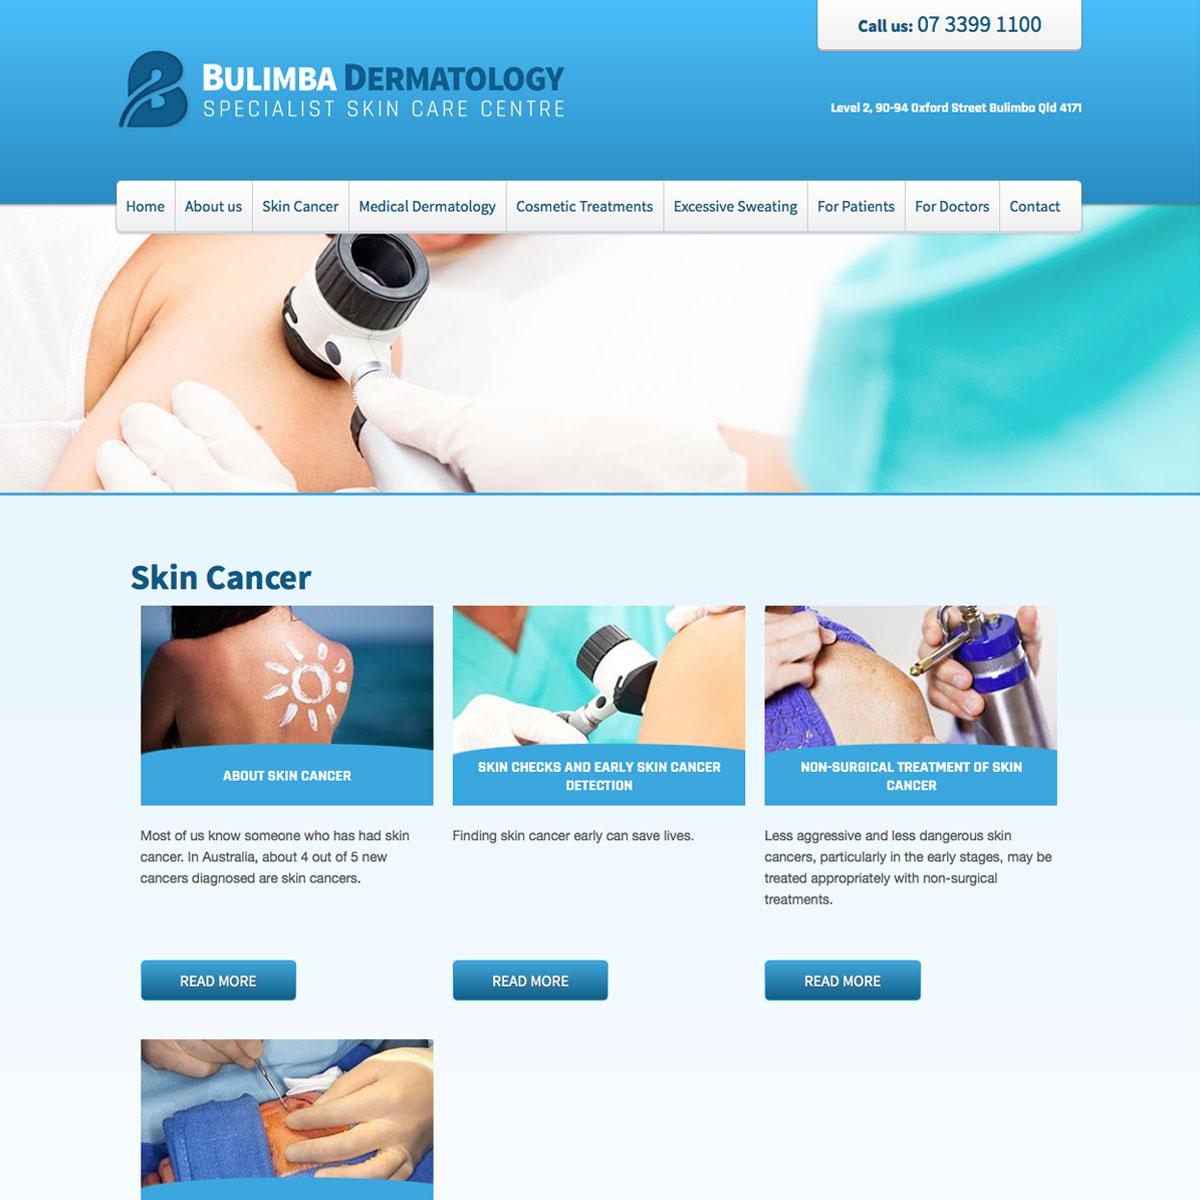 Bulimba Dermatology Skin Cancer